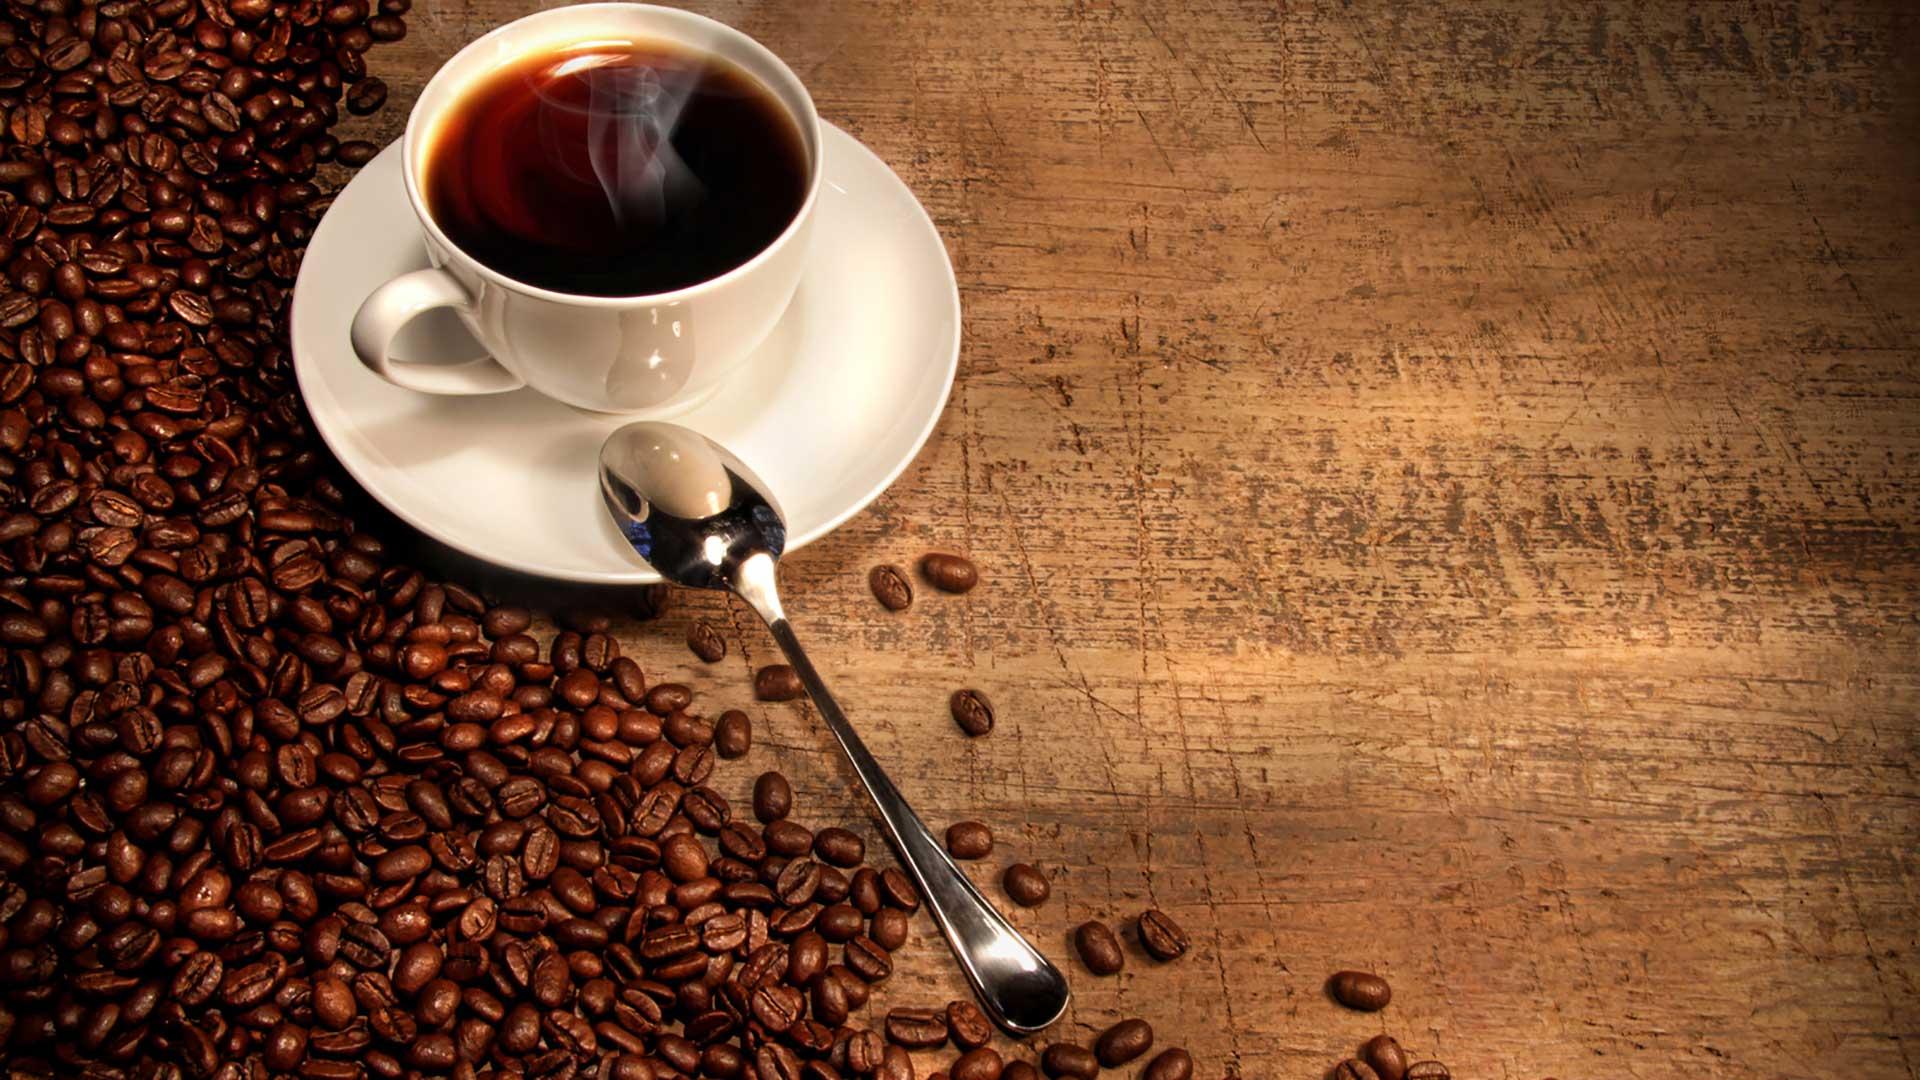 Beste koffie-water verhouding